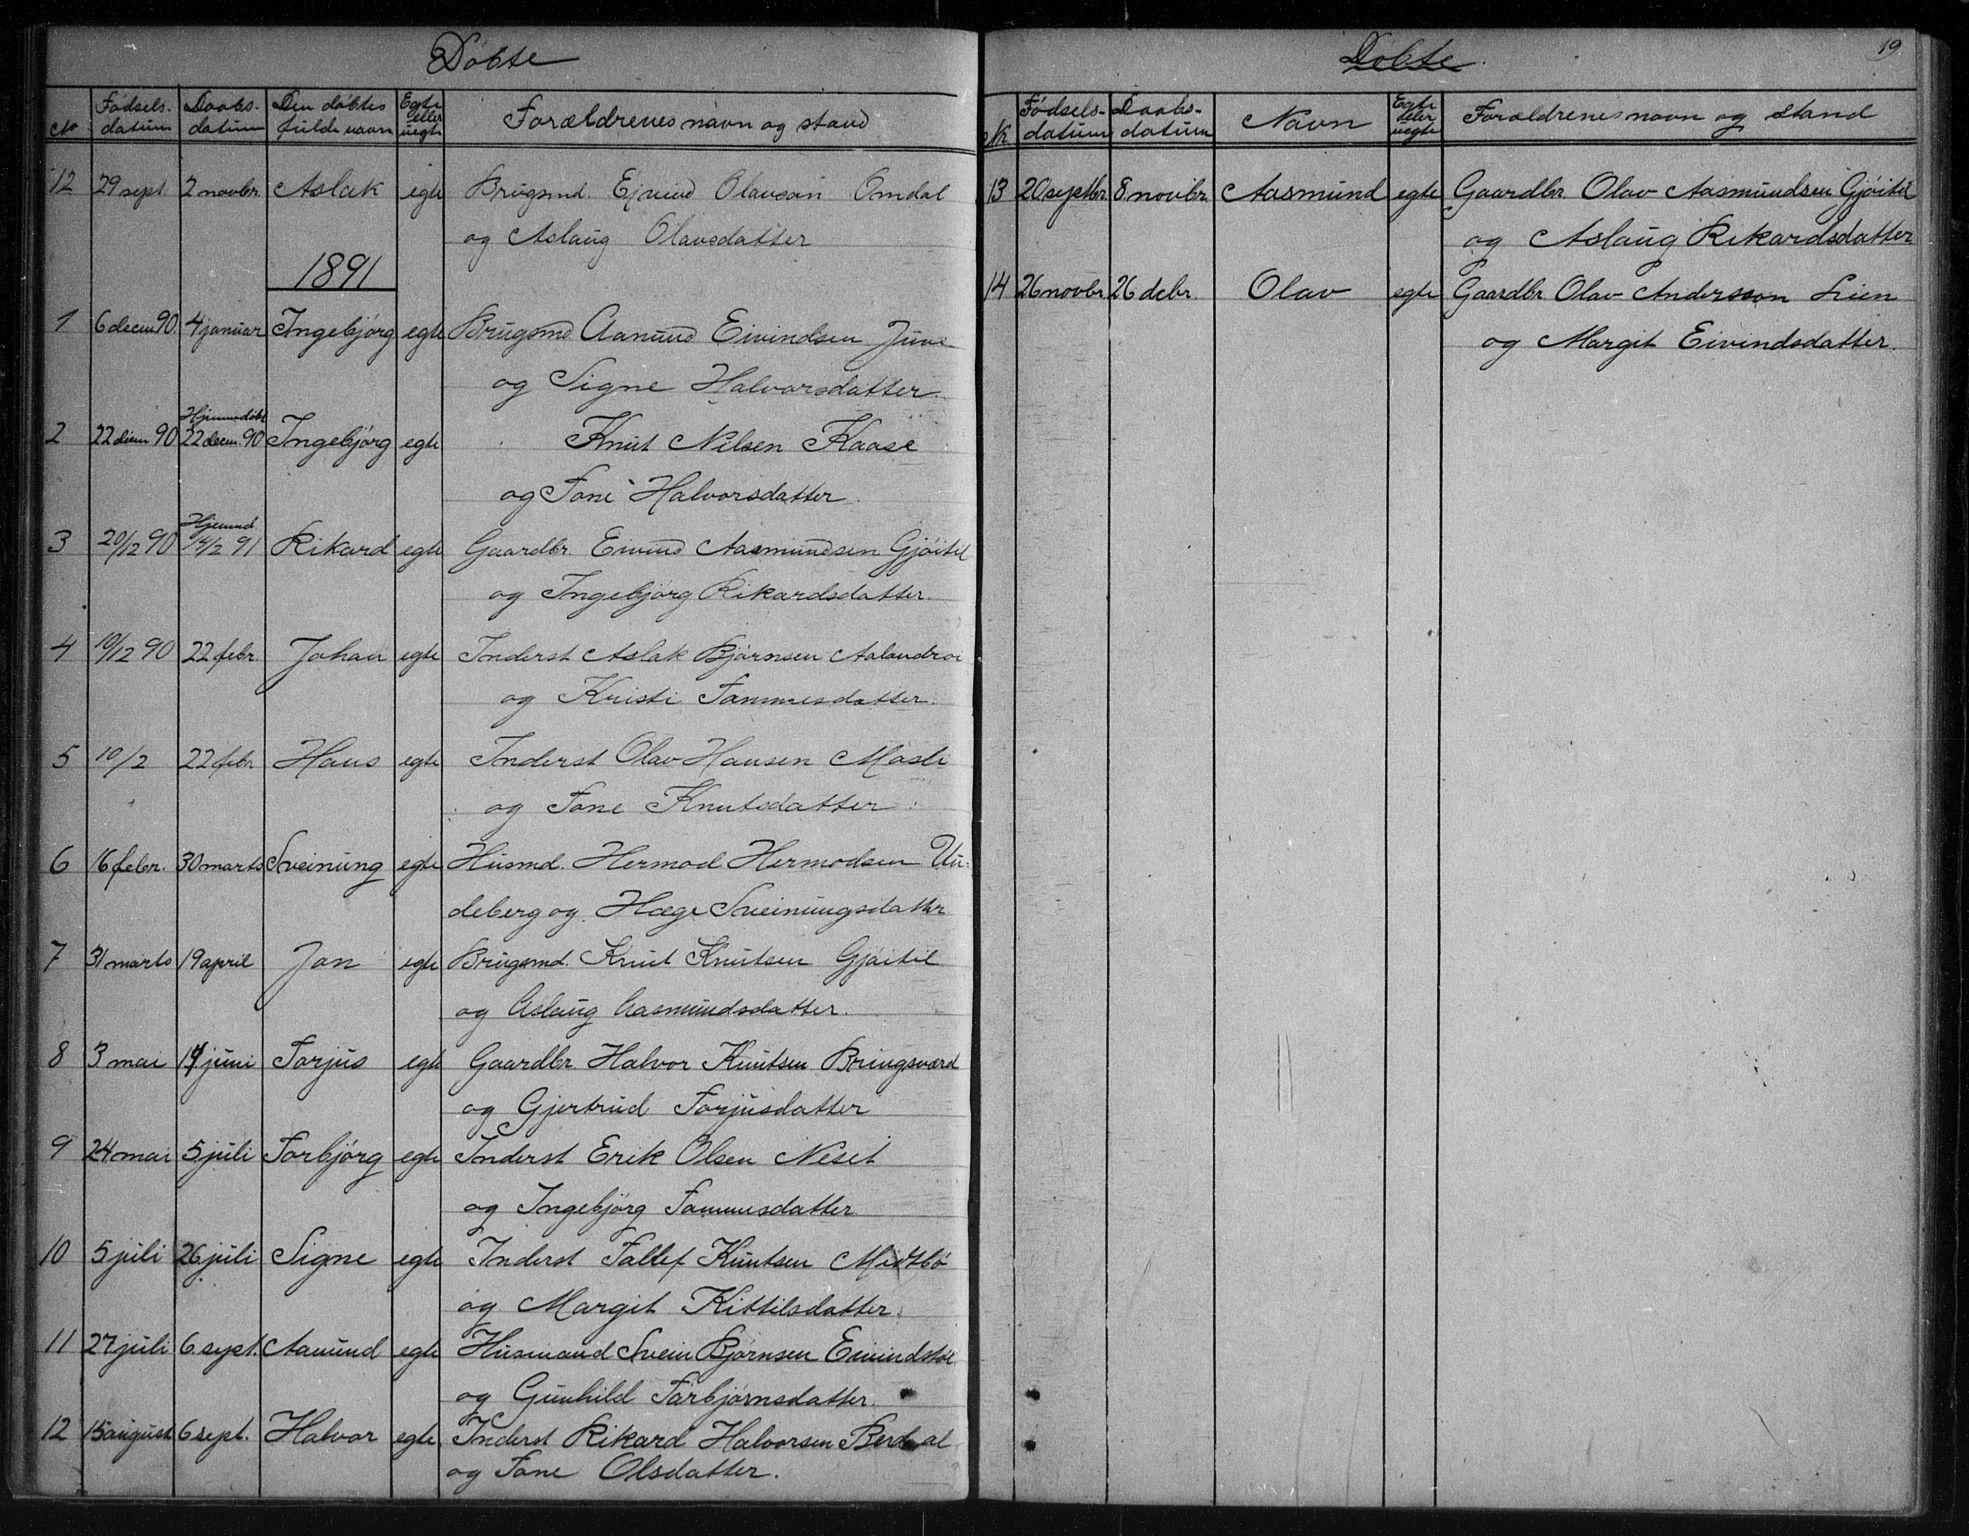 SAKO, Vinje kirkebøker, G/Gb/L0002: Klokkerbok nr. II 2, 1849-1891, s. 19